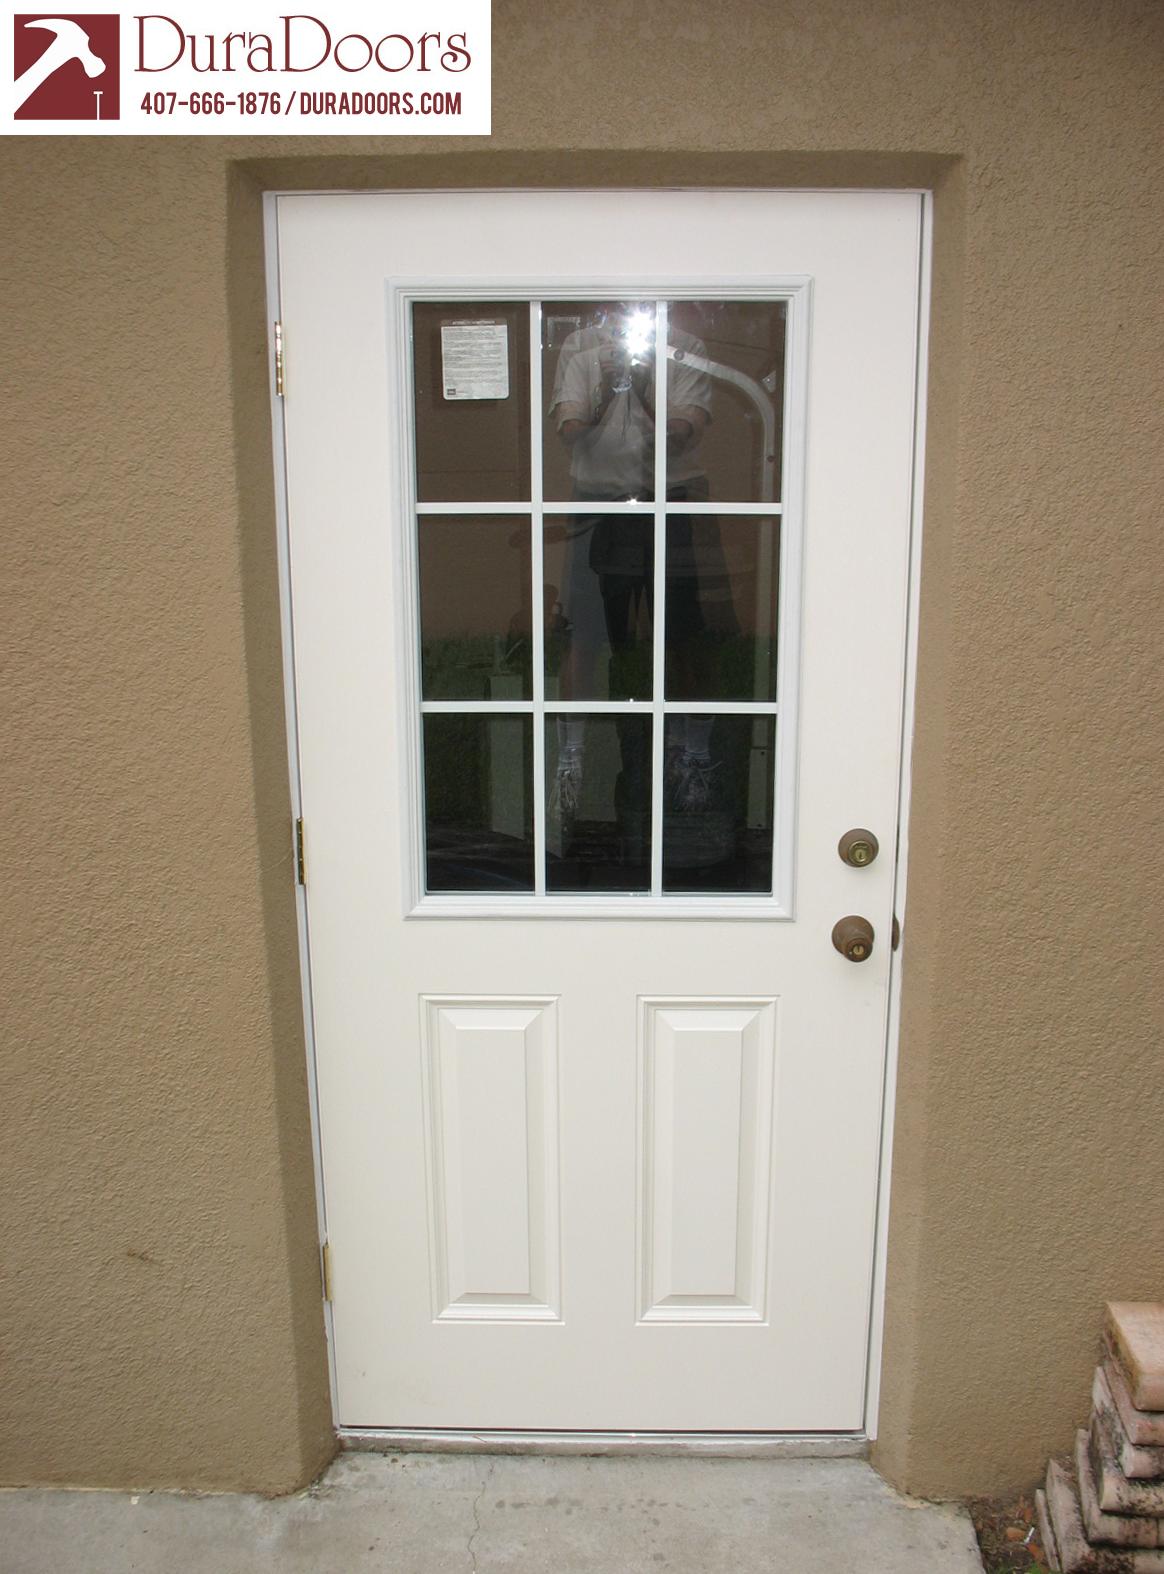 plastpro smooth fiberglass 9 lite door